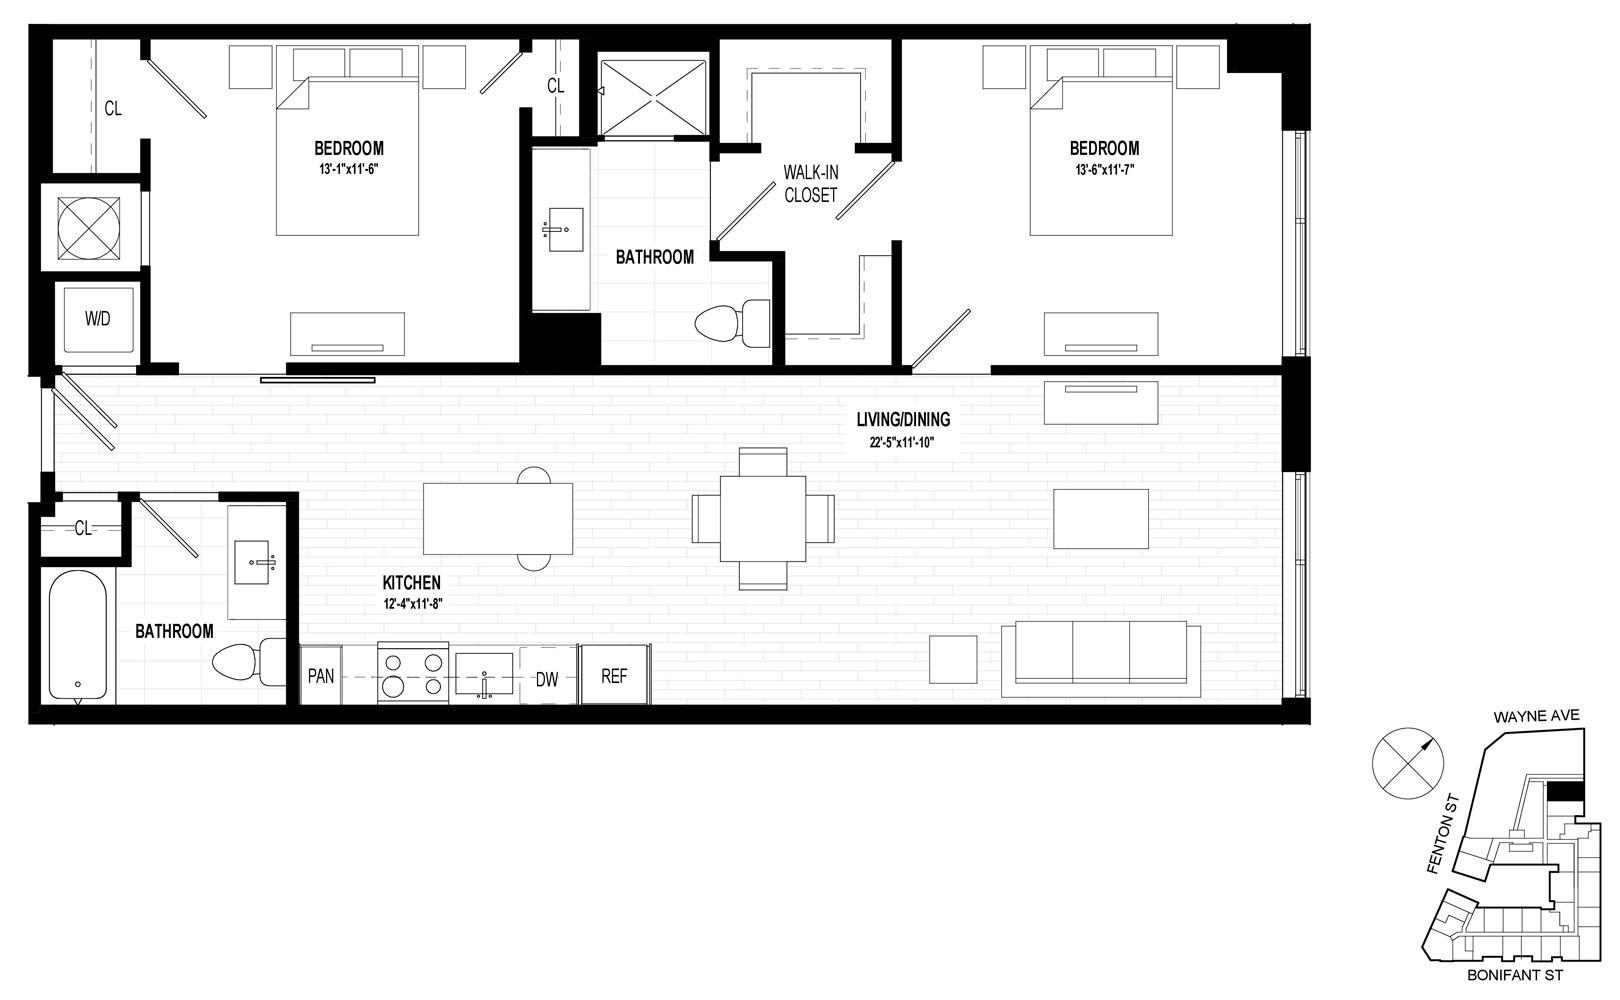 P0578887 761aad01 central b05 1045 2 floorplan